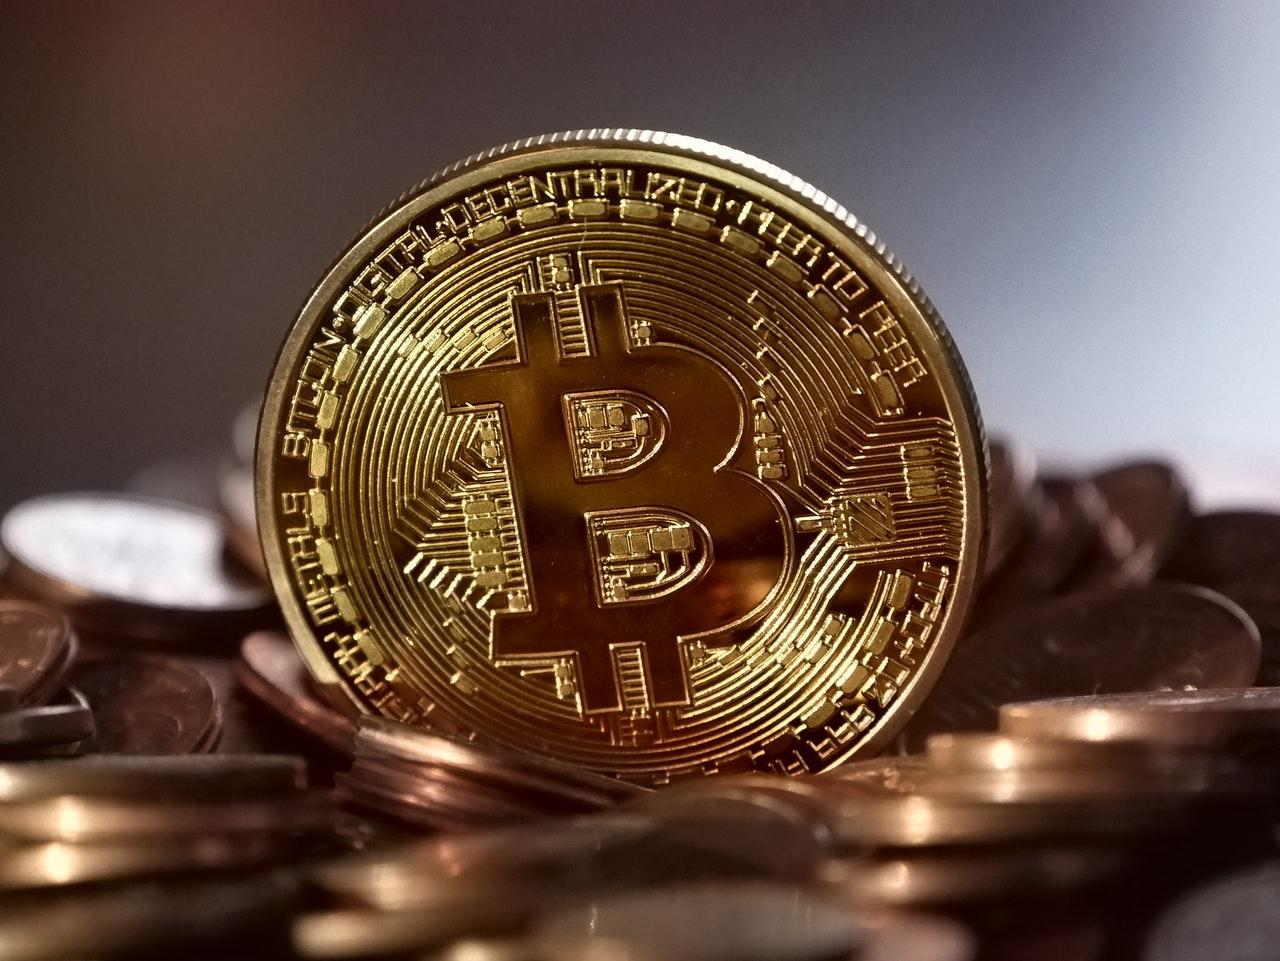 cum să obțineți monede bitcoin